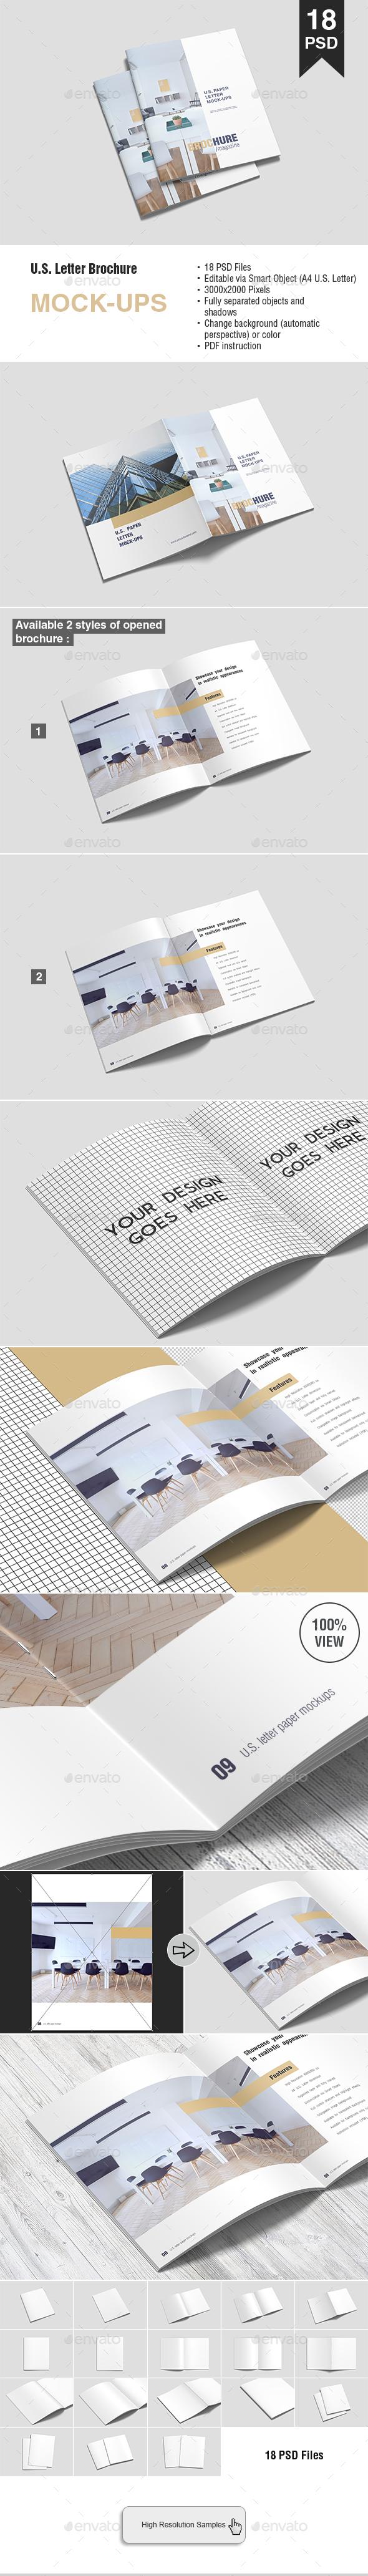 US Letter Brochure Mockup - Brochures Print